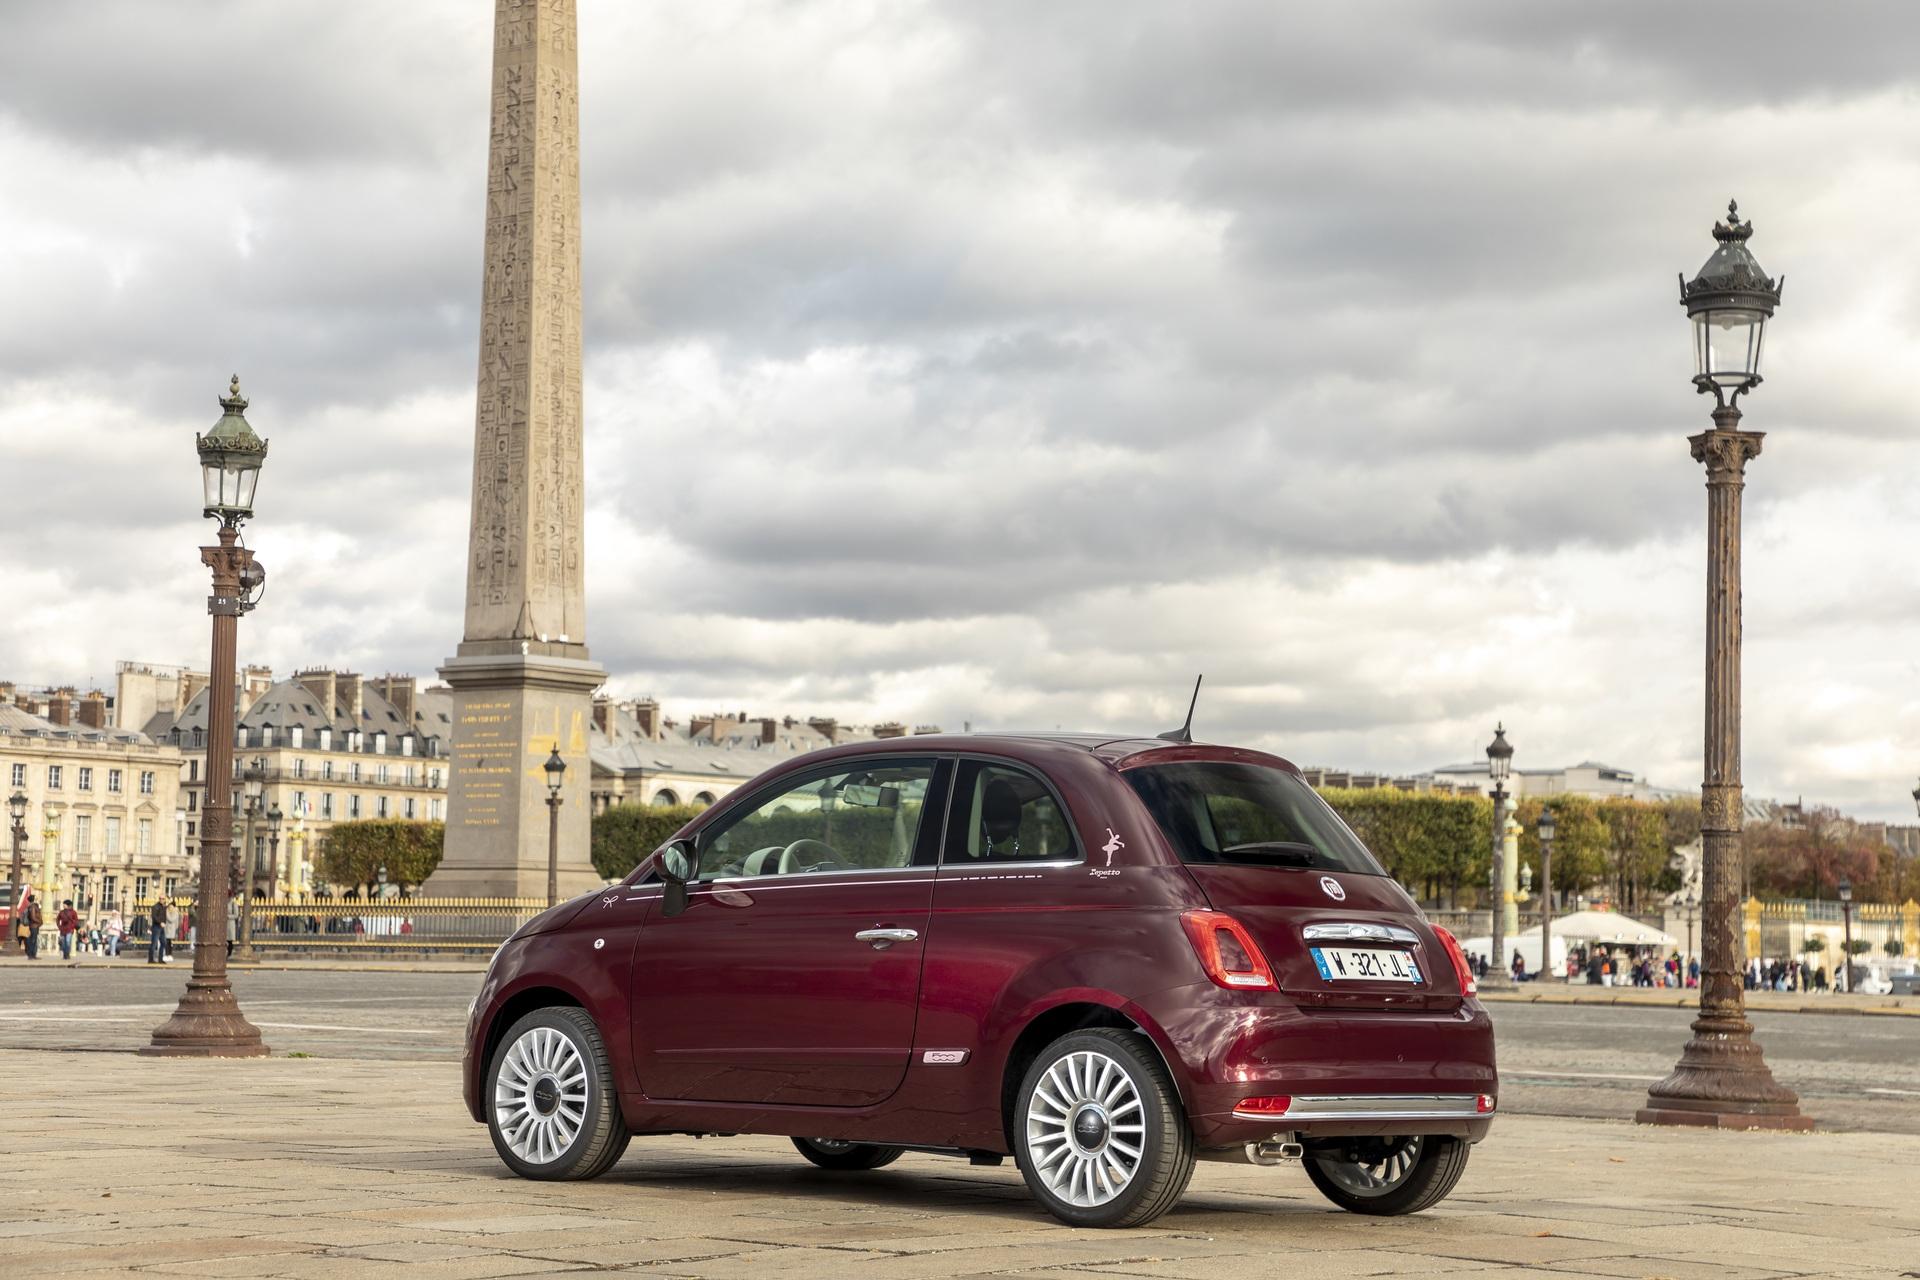 Fiat_500_Repetto_0006